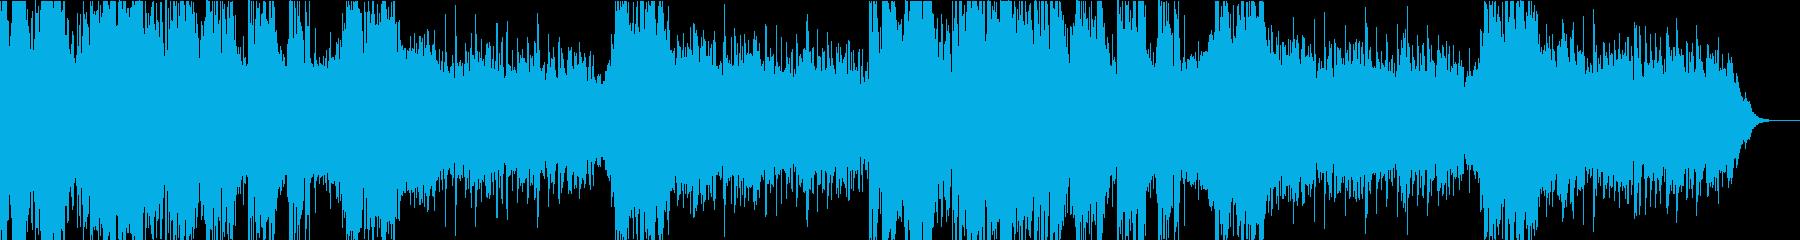 シンセサイザーとパーカッションを使った緊の再生済みの波形